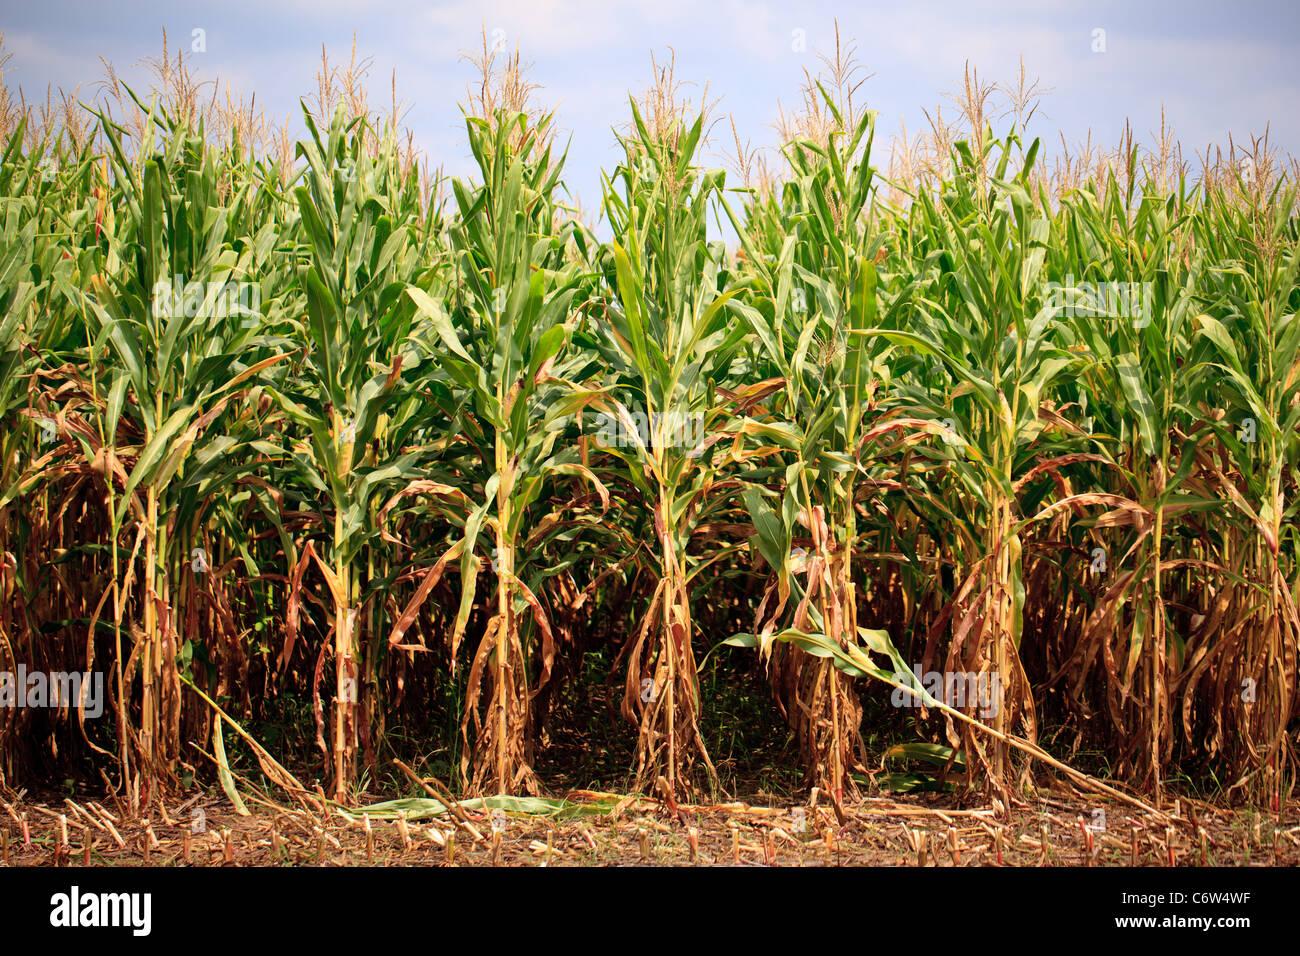 Champ de maïs le maïs Photo Stock